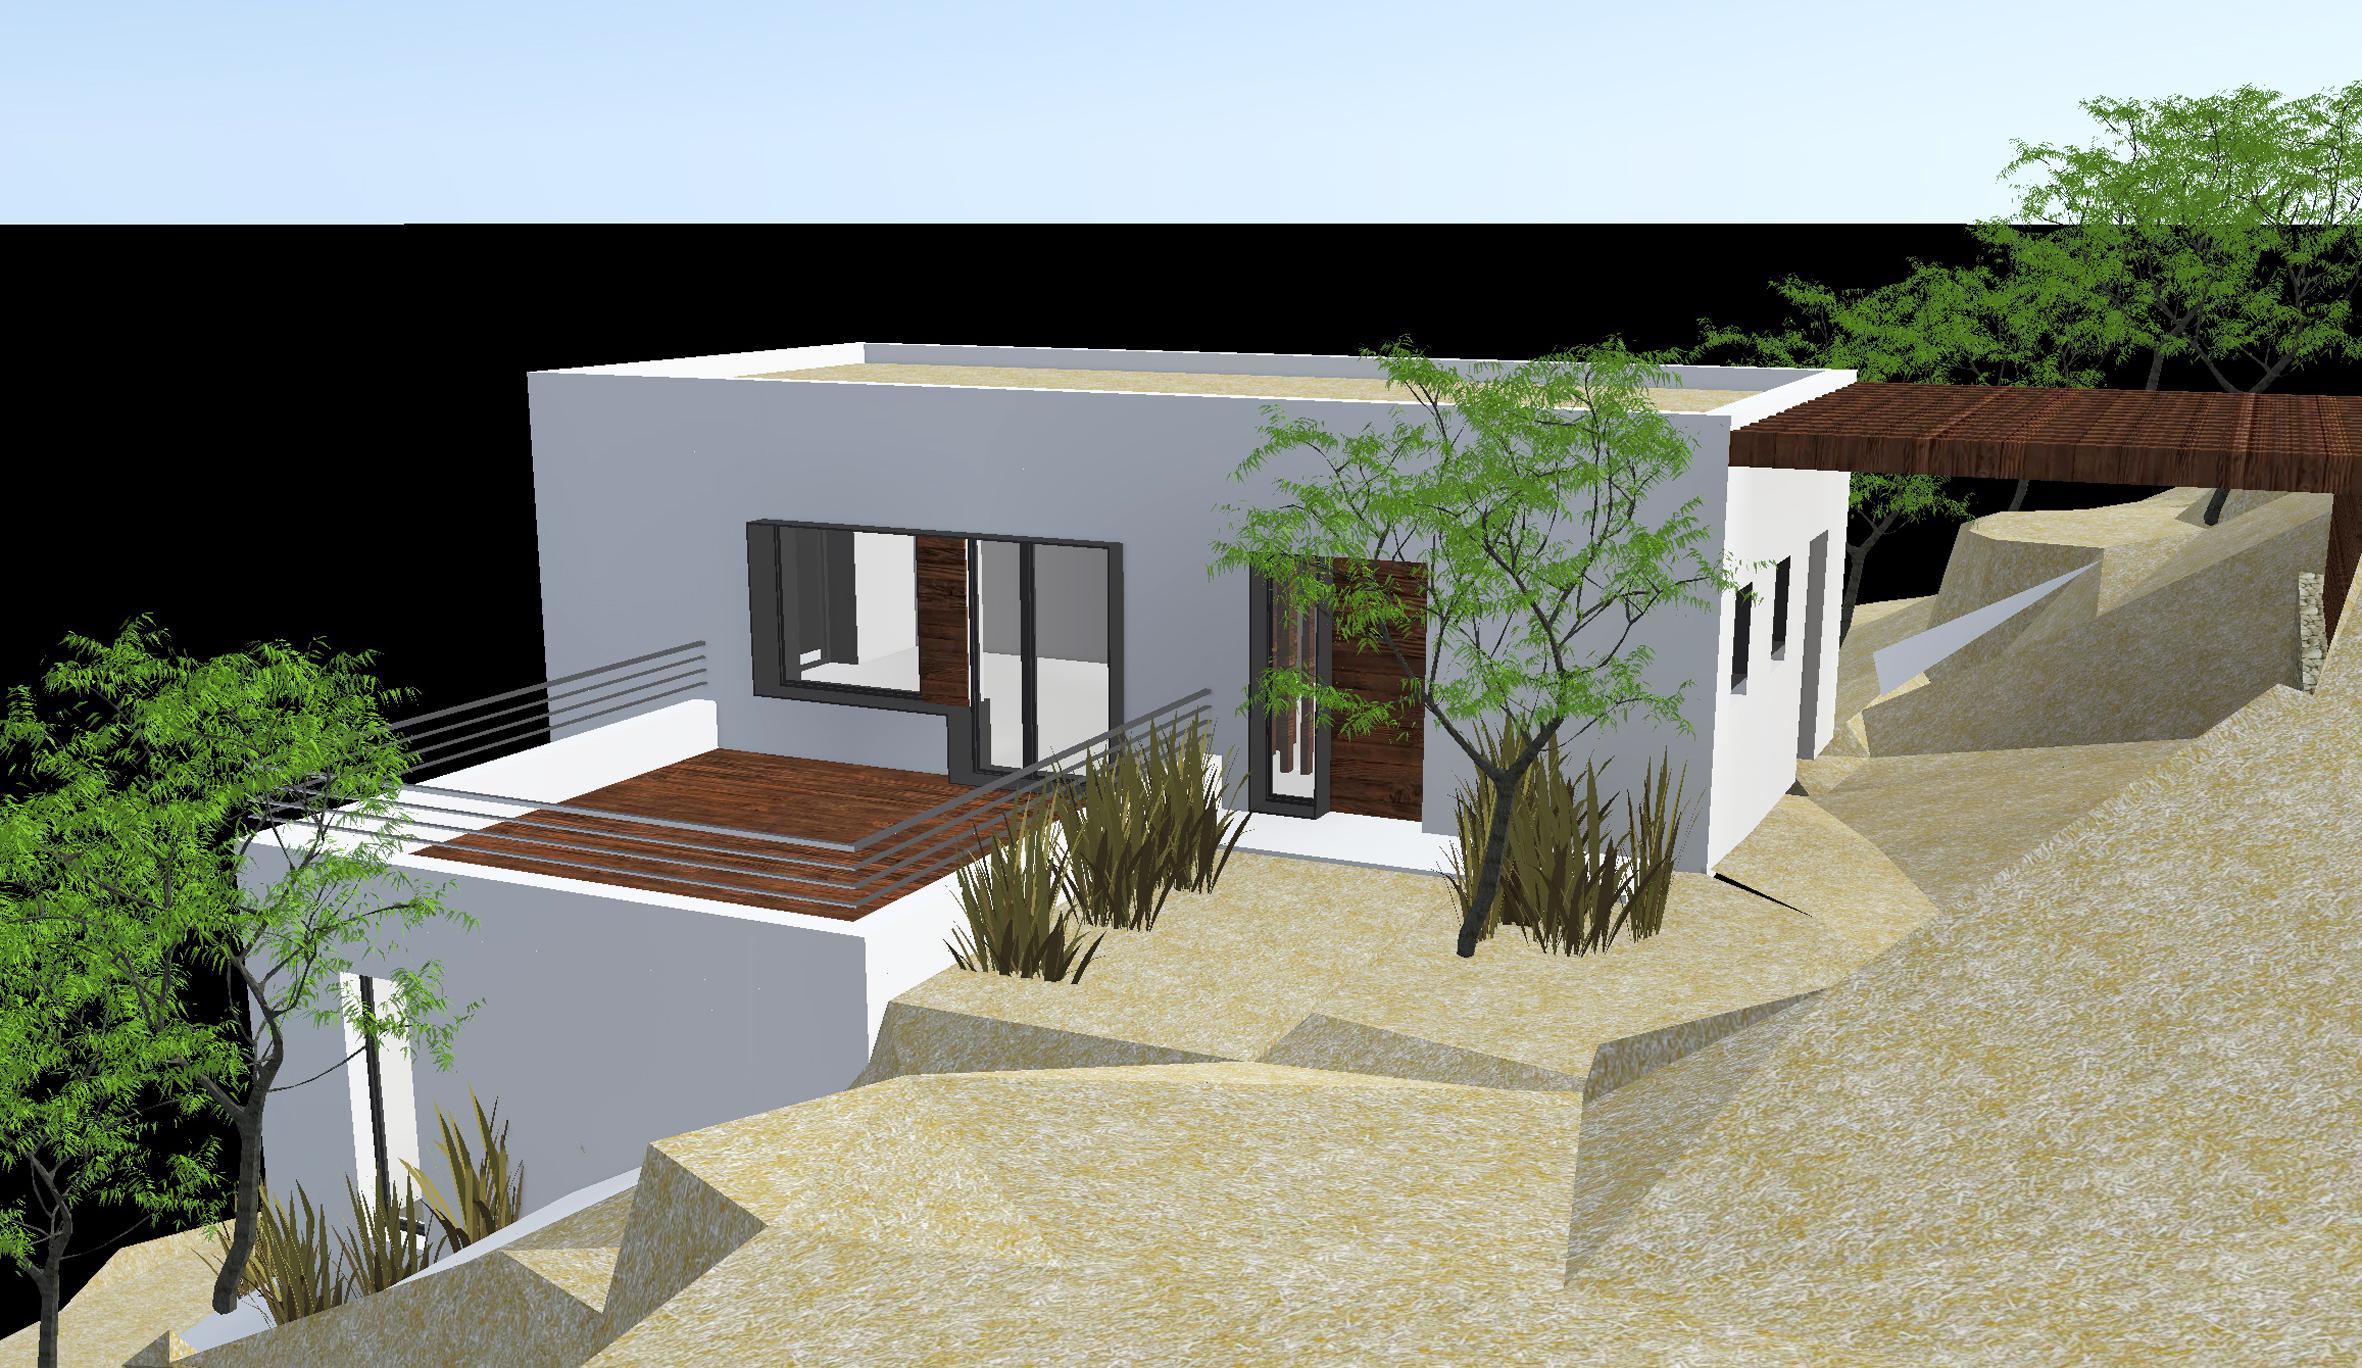 Maison C San Martino 03